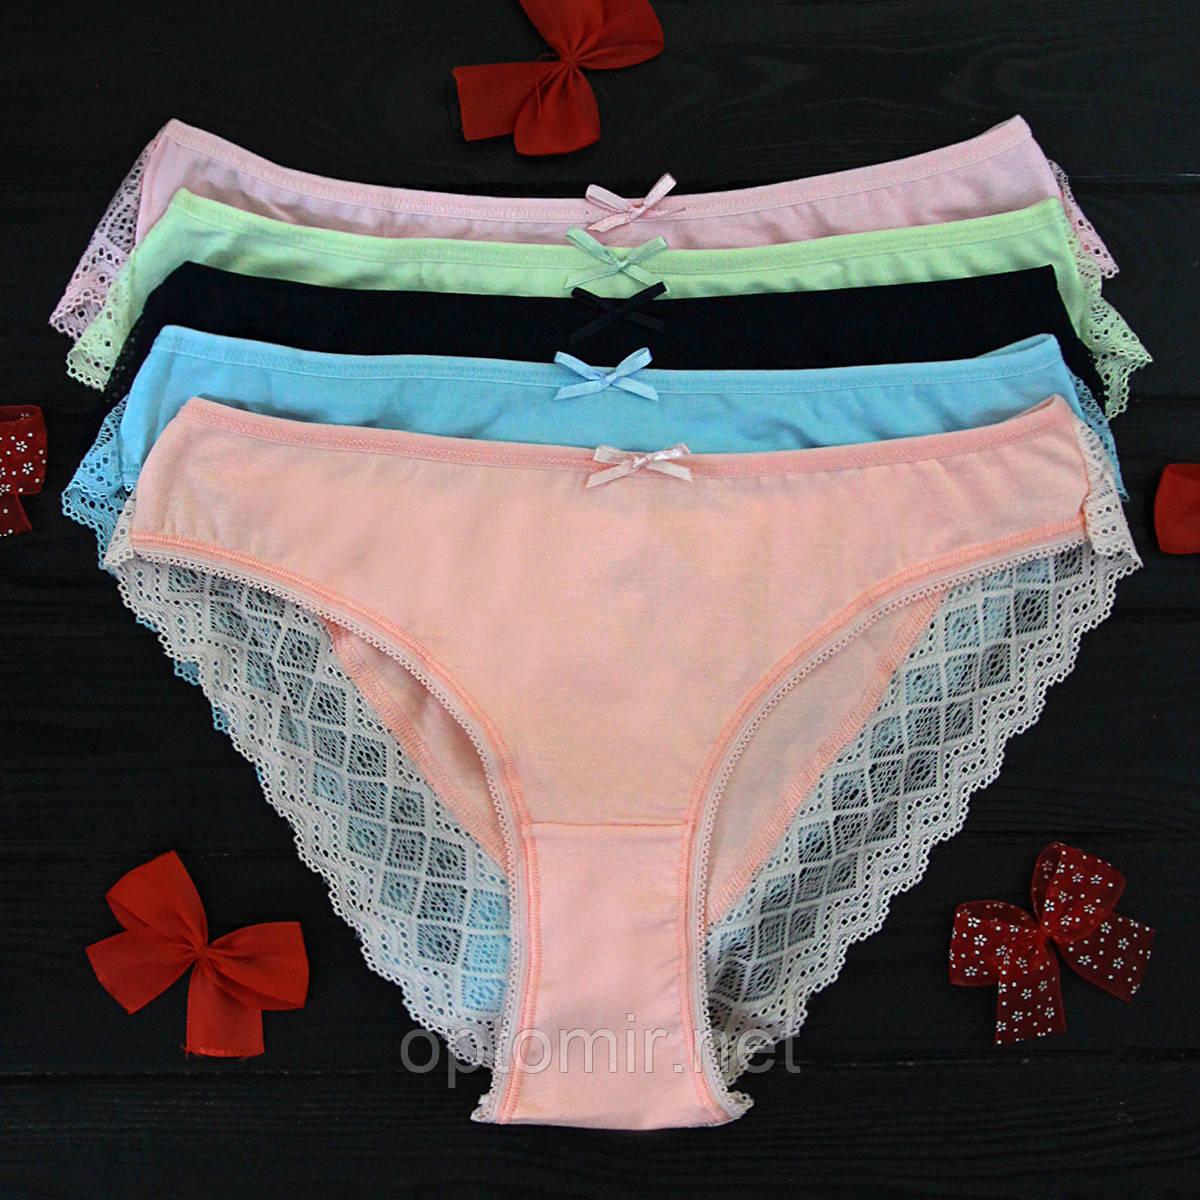 Трусы слипы женские Pink Secret Турция M | 5 шт.